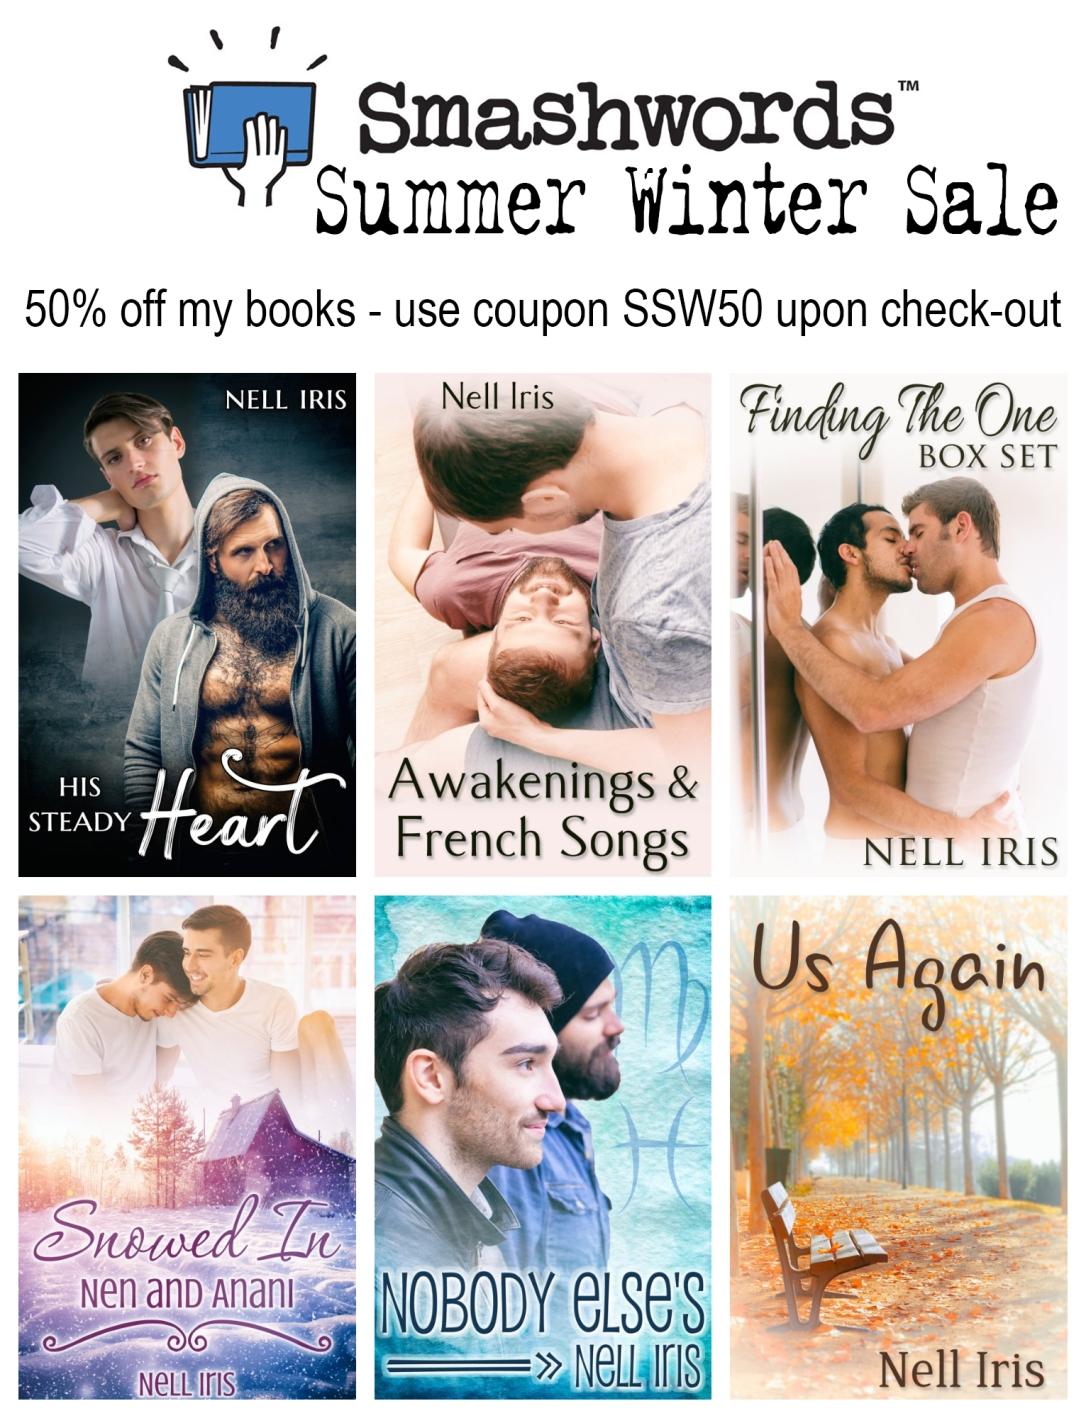 smashwords summer winter sale 2019